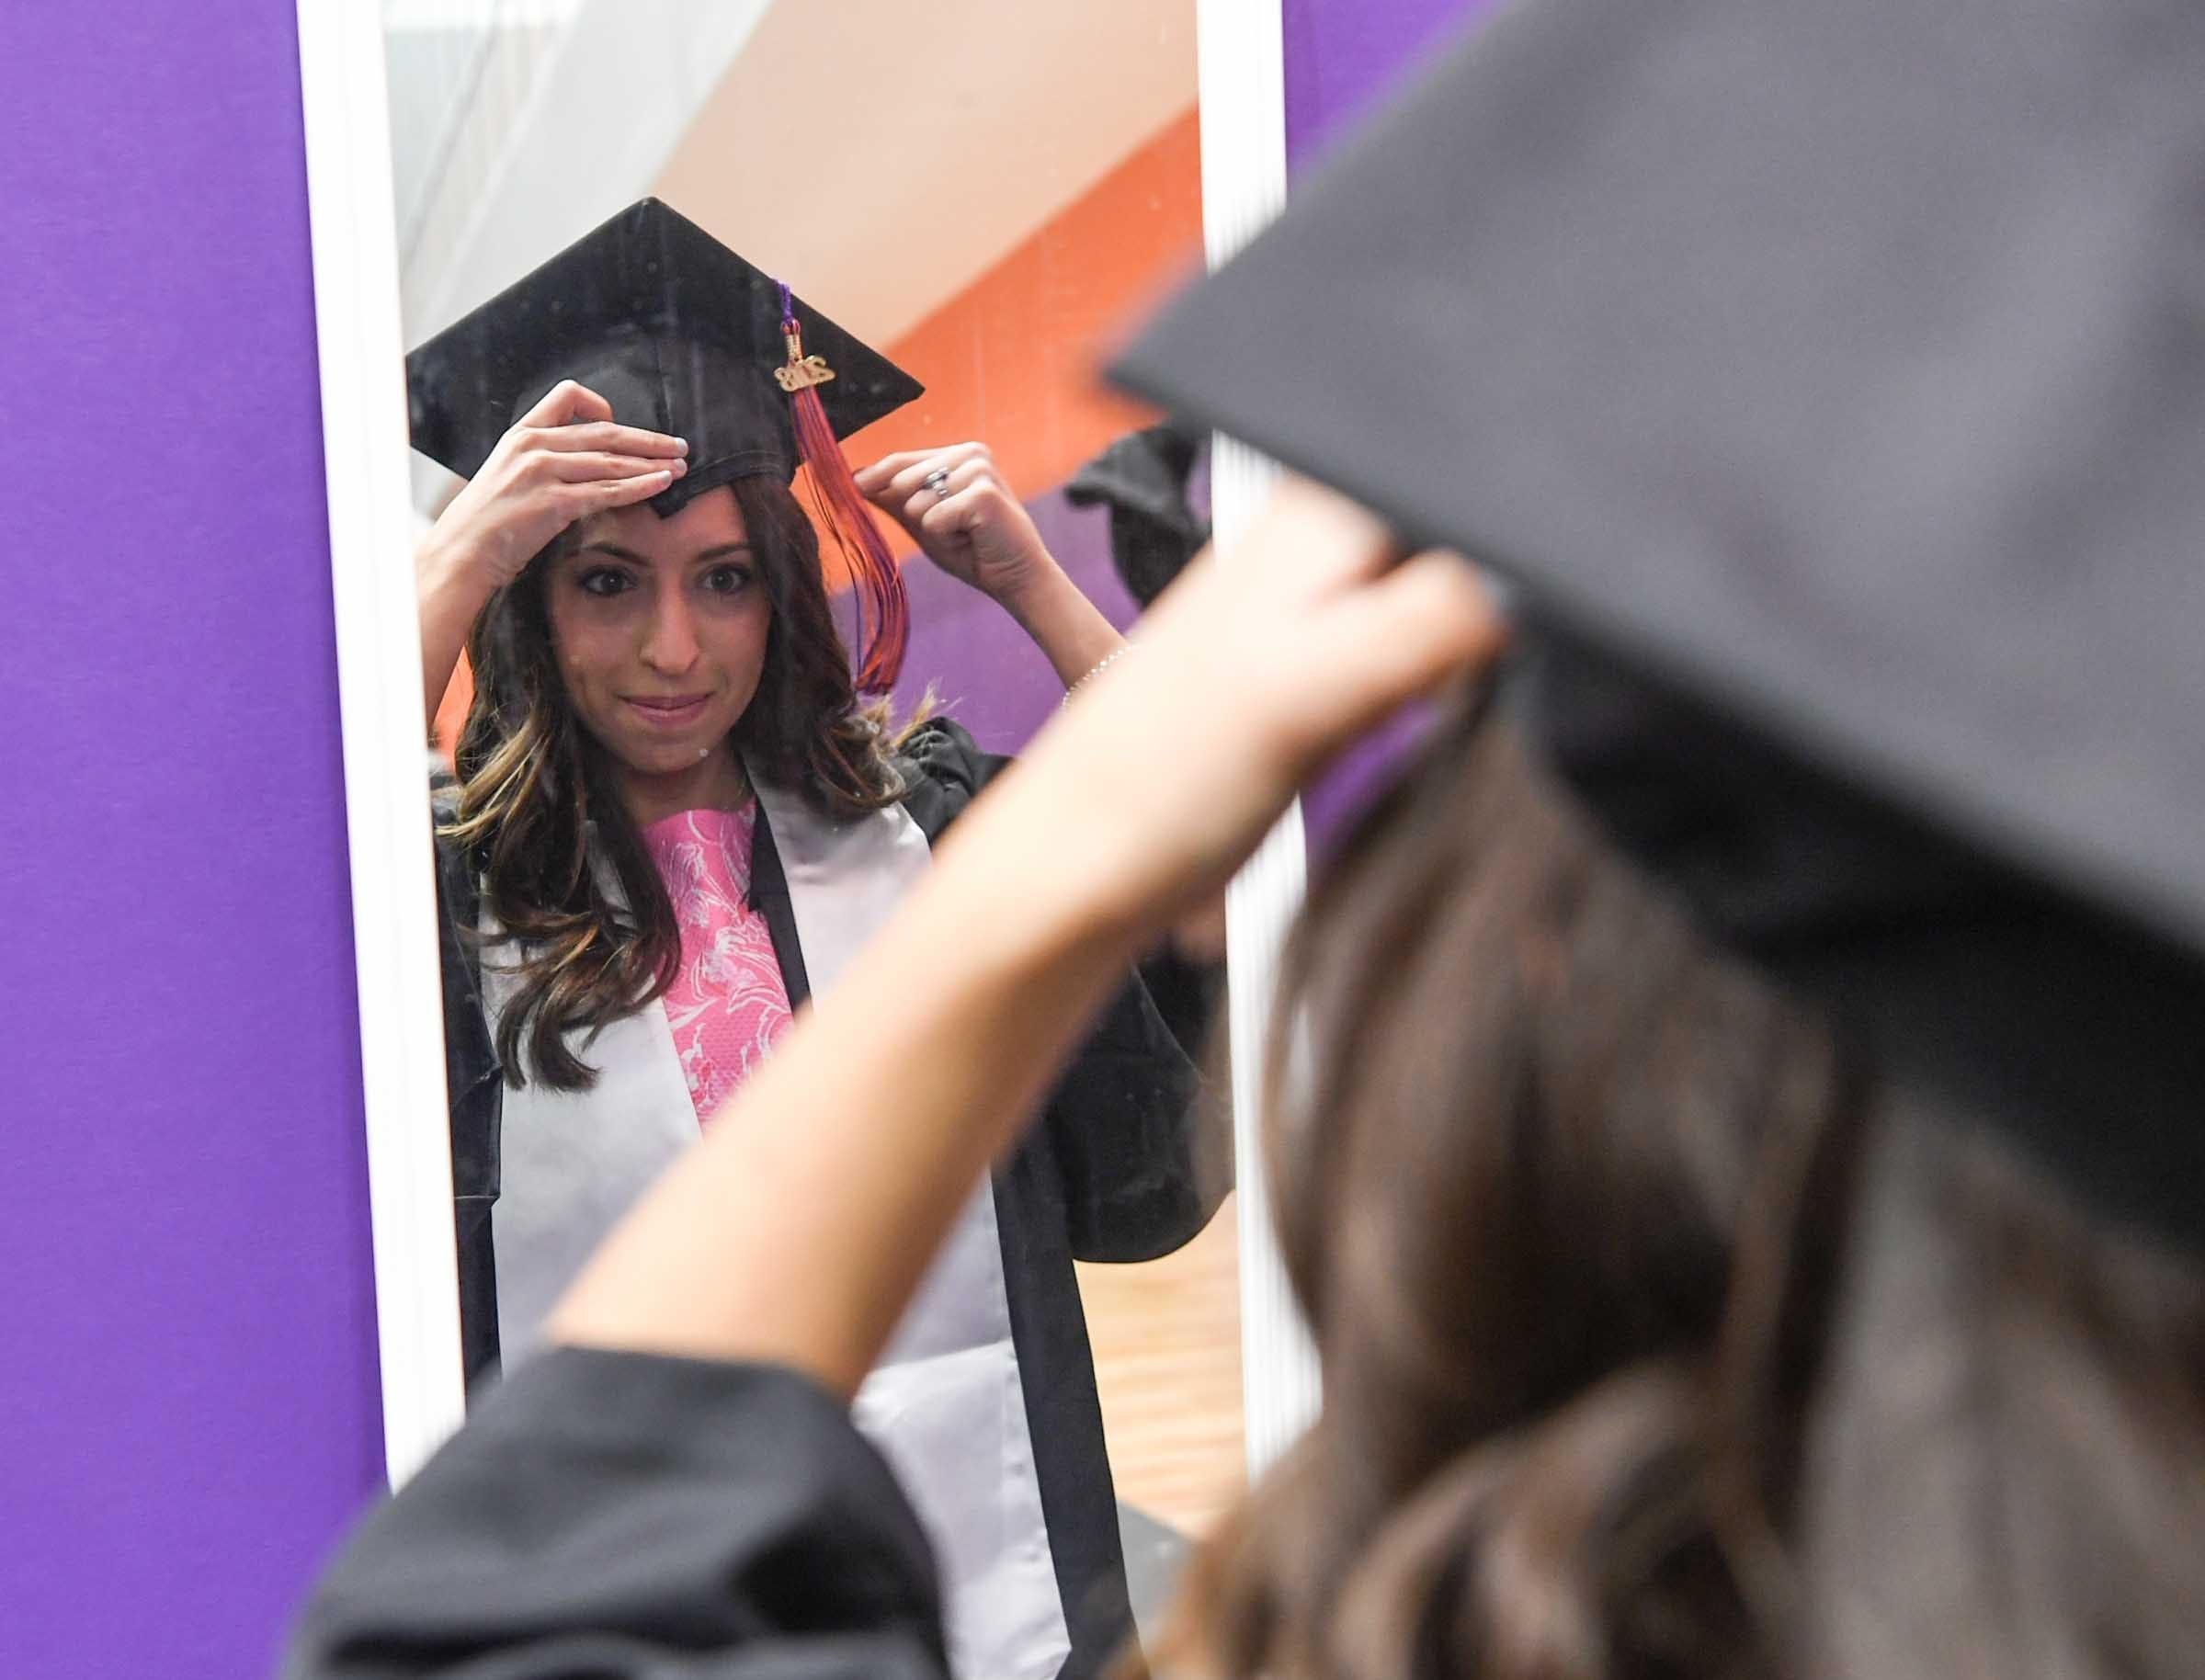 Sarah Jordan of Lancaster, S.C. fixes her cap during Clemson University graduation ceremony Thursday morning in Littlejohn Coliseum in Clemson.